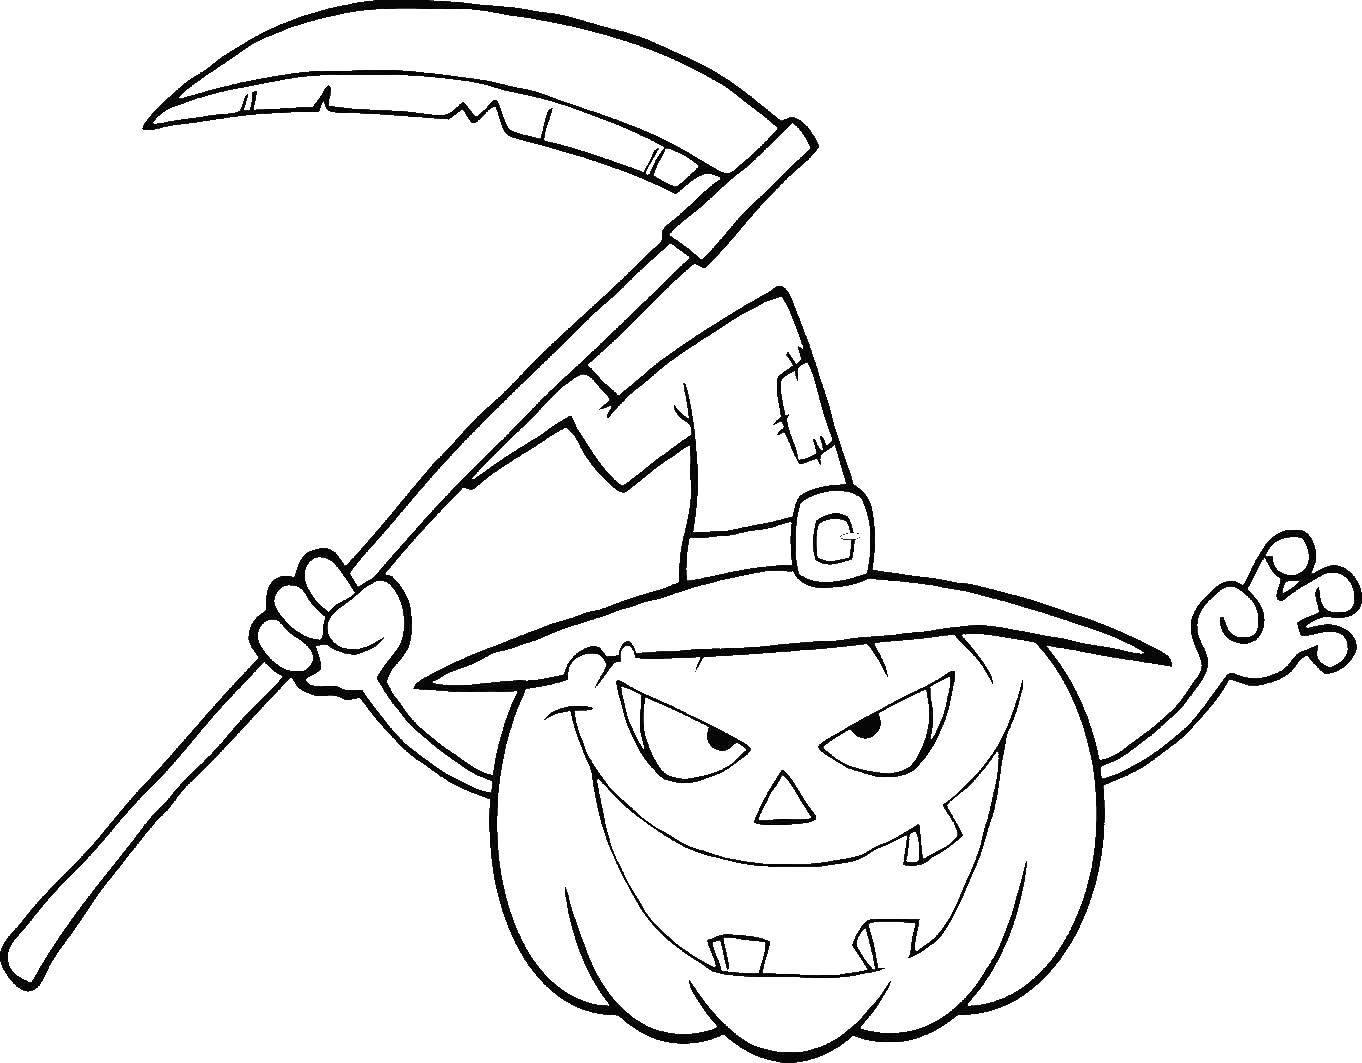 Раскраски хэллоуин, Раскраска Тыква в шляпе тыква на хэллоуин.